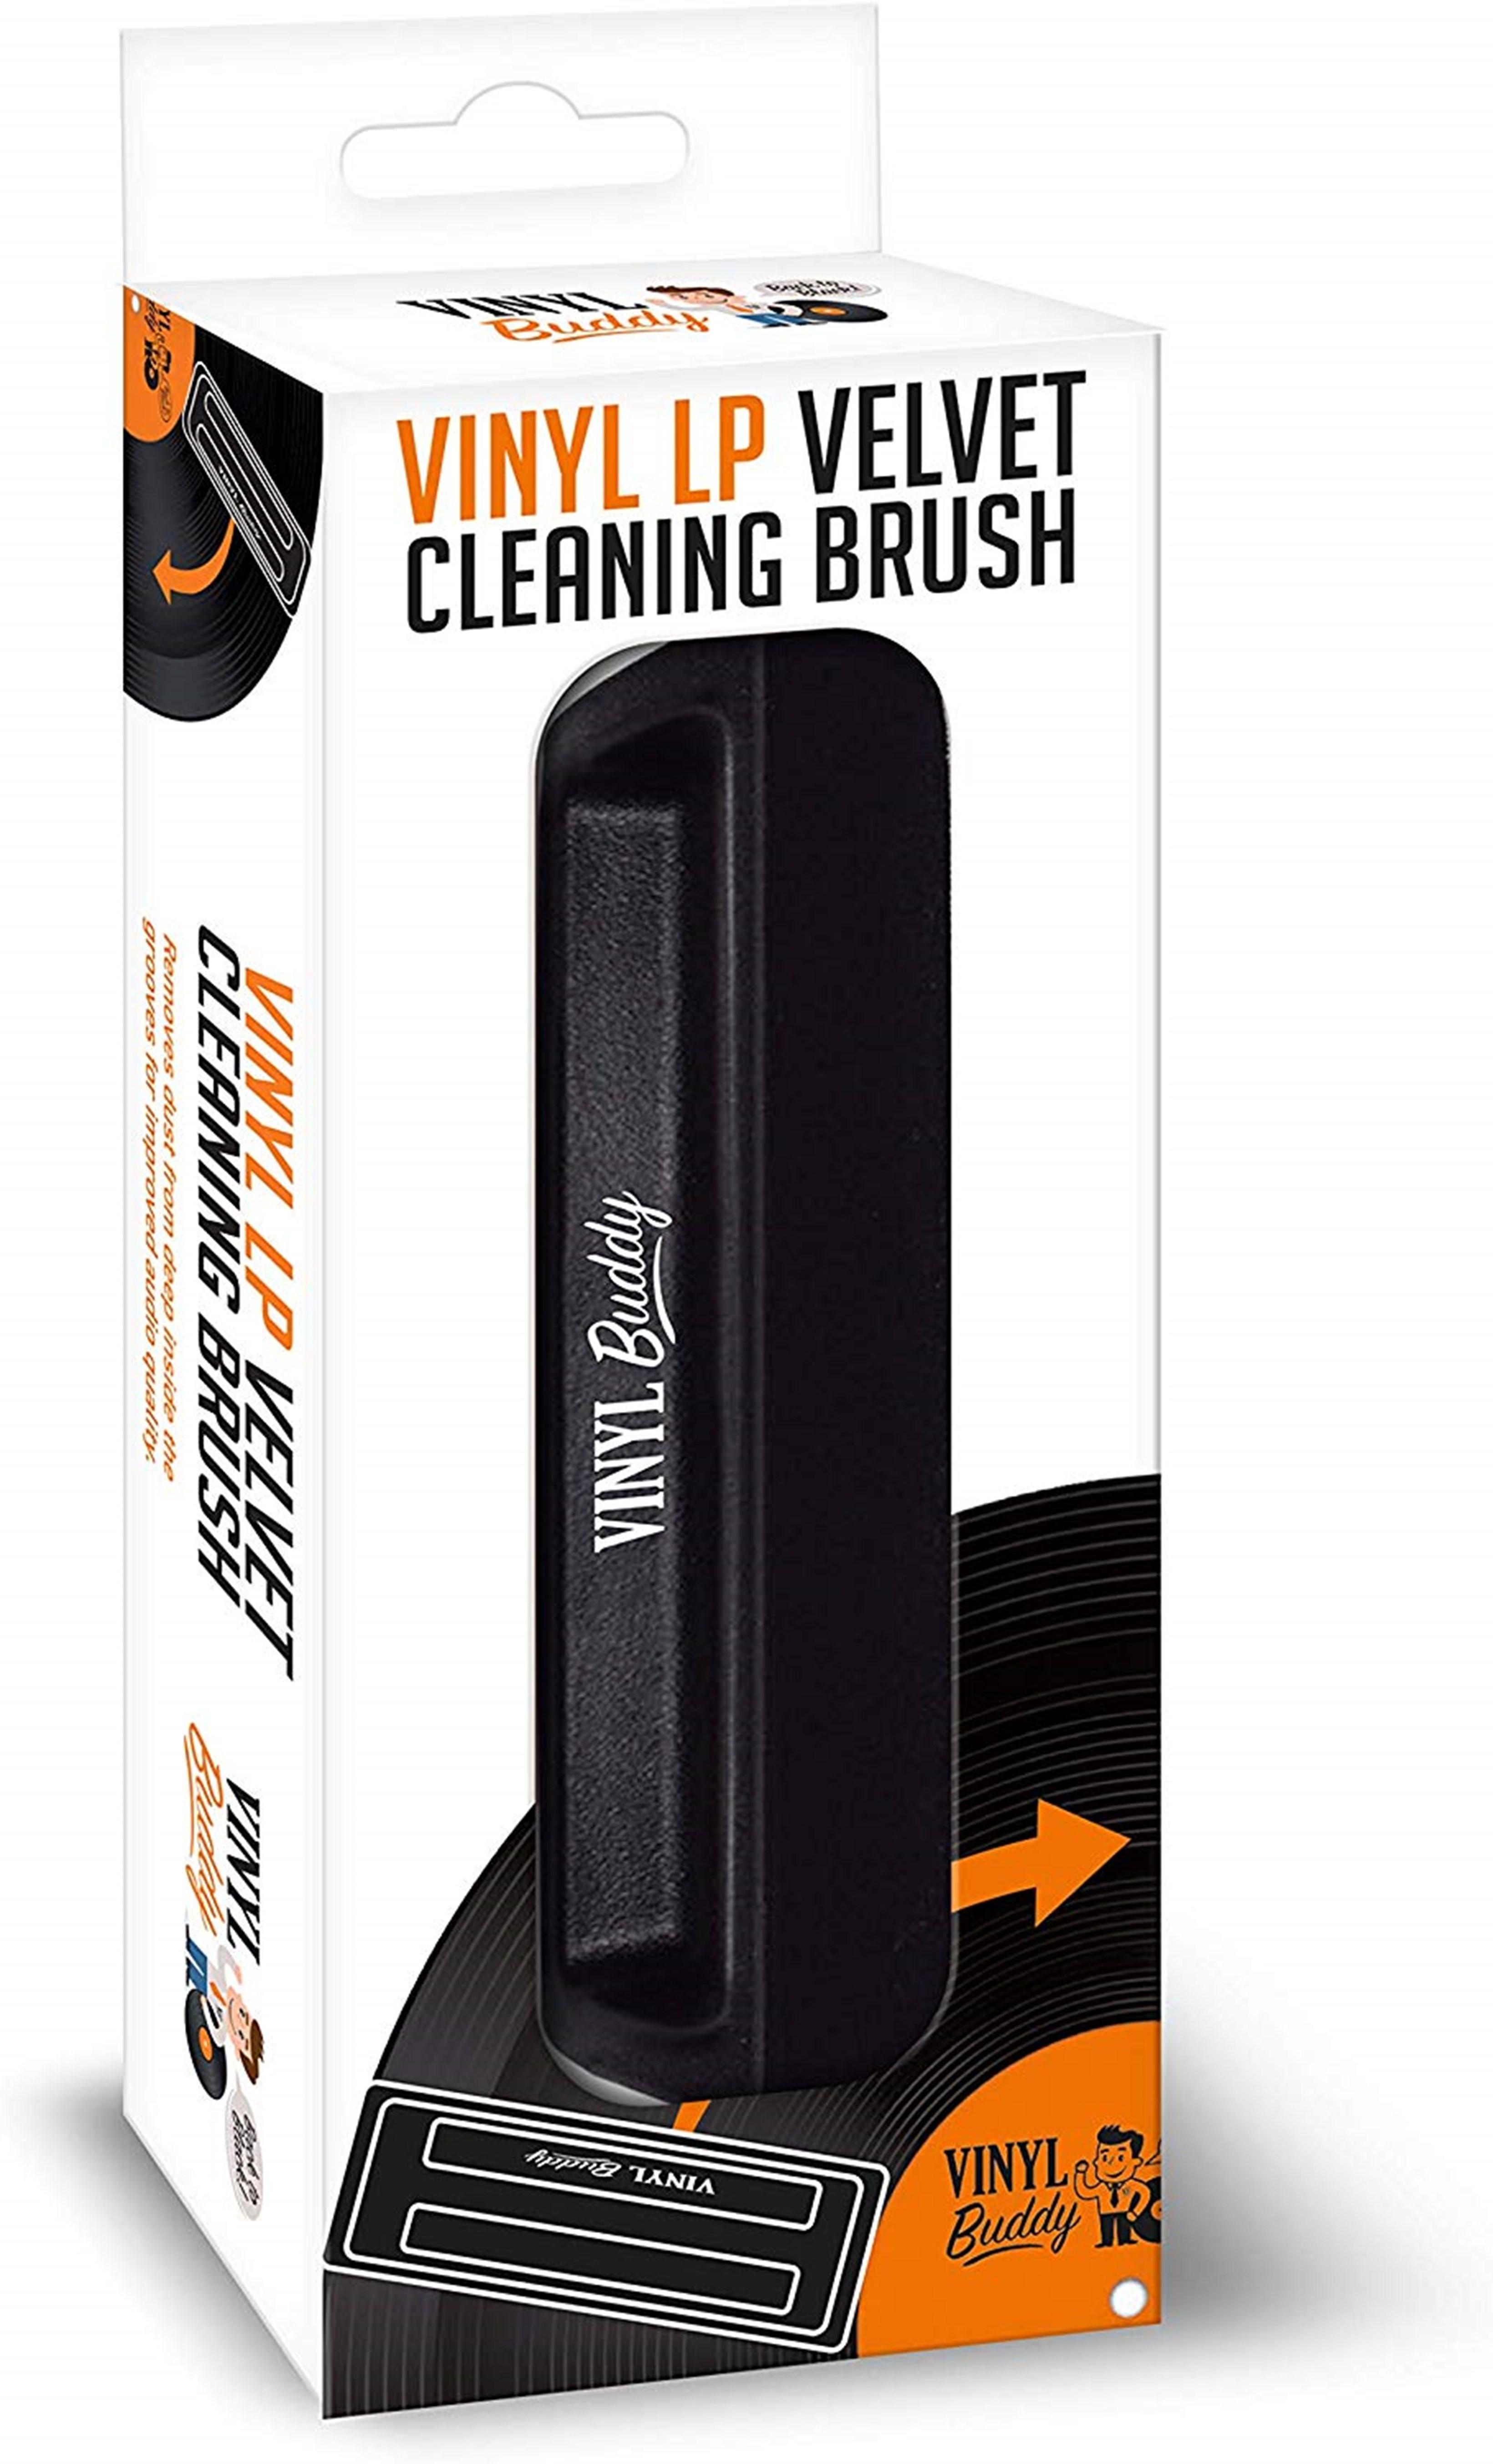 Vinyl Buddy Velvet LP Cleaning Brush - 1